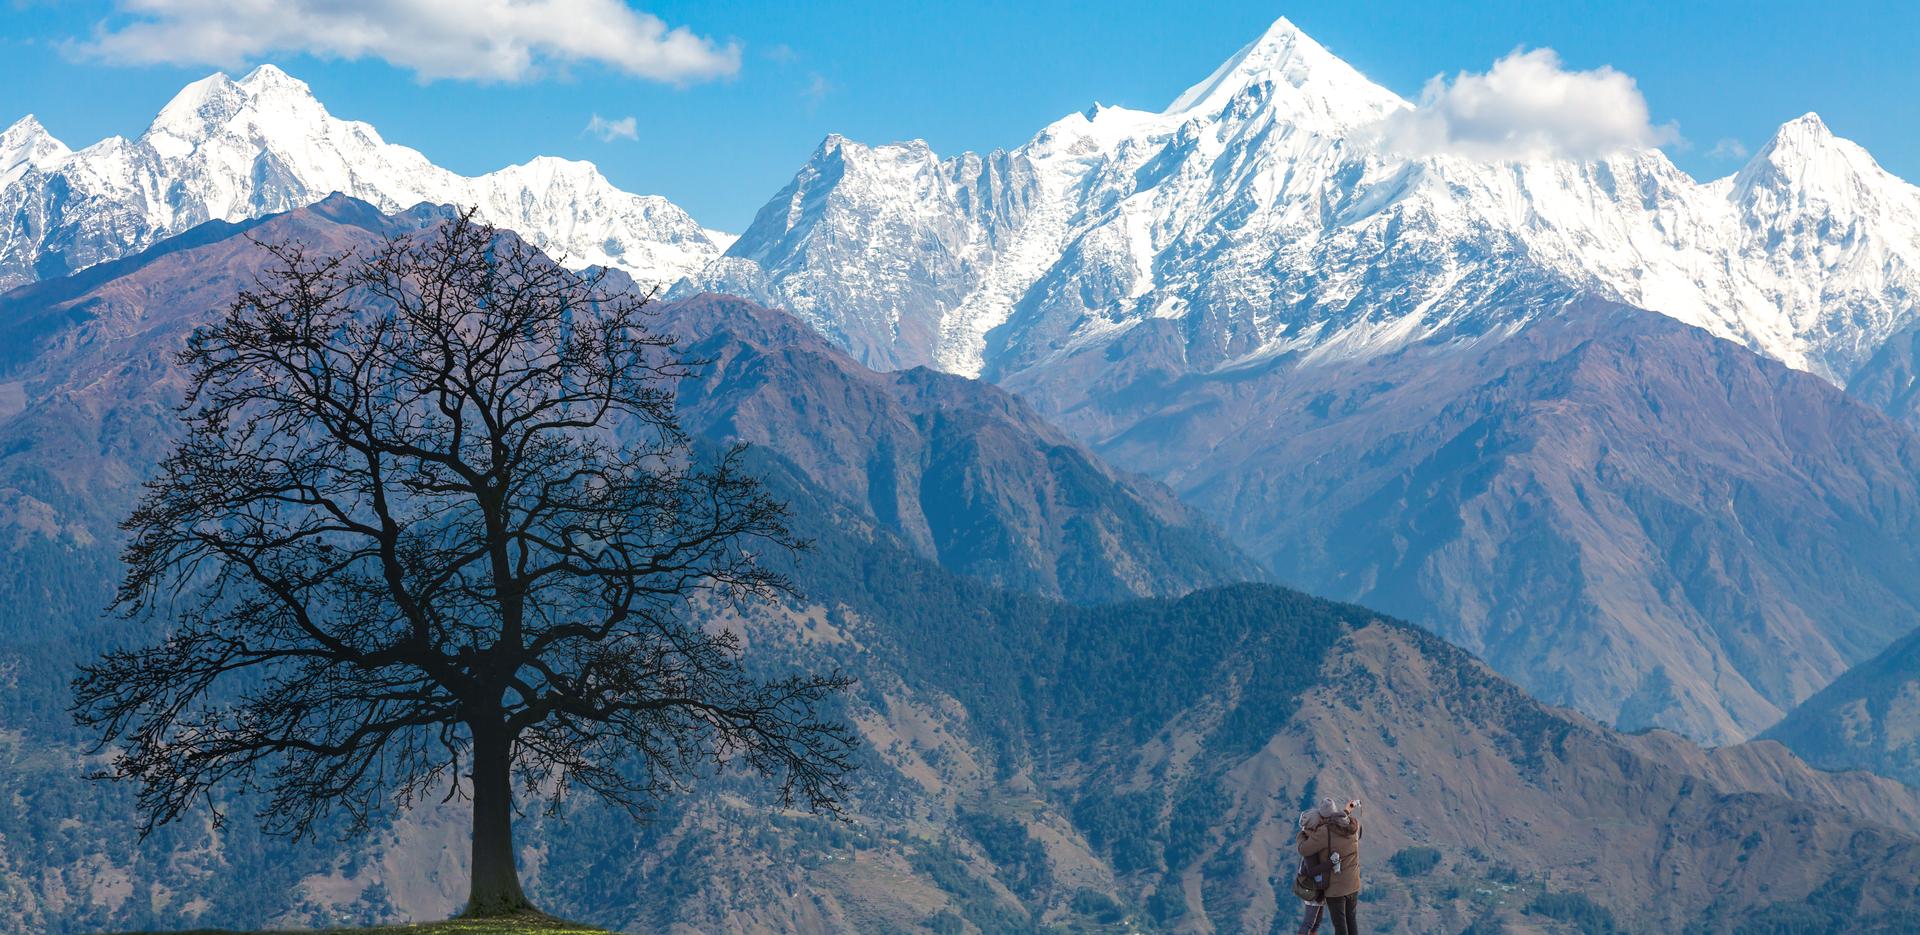 Garhwal Himalaya Mountain